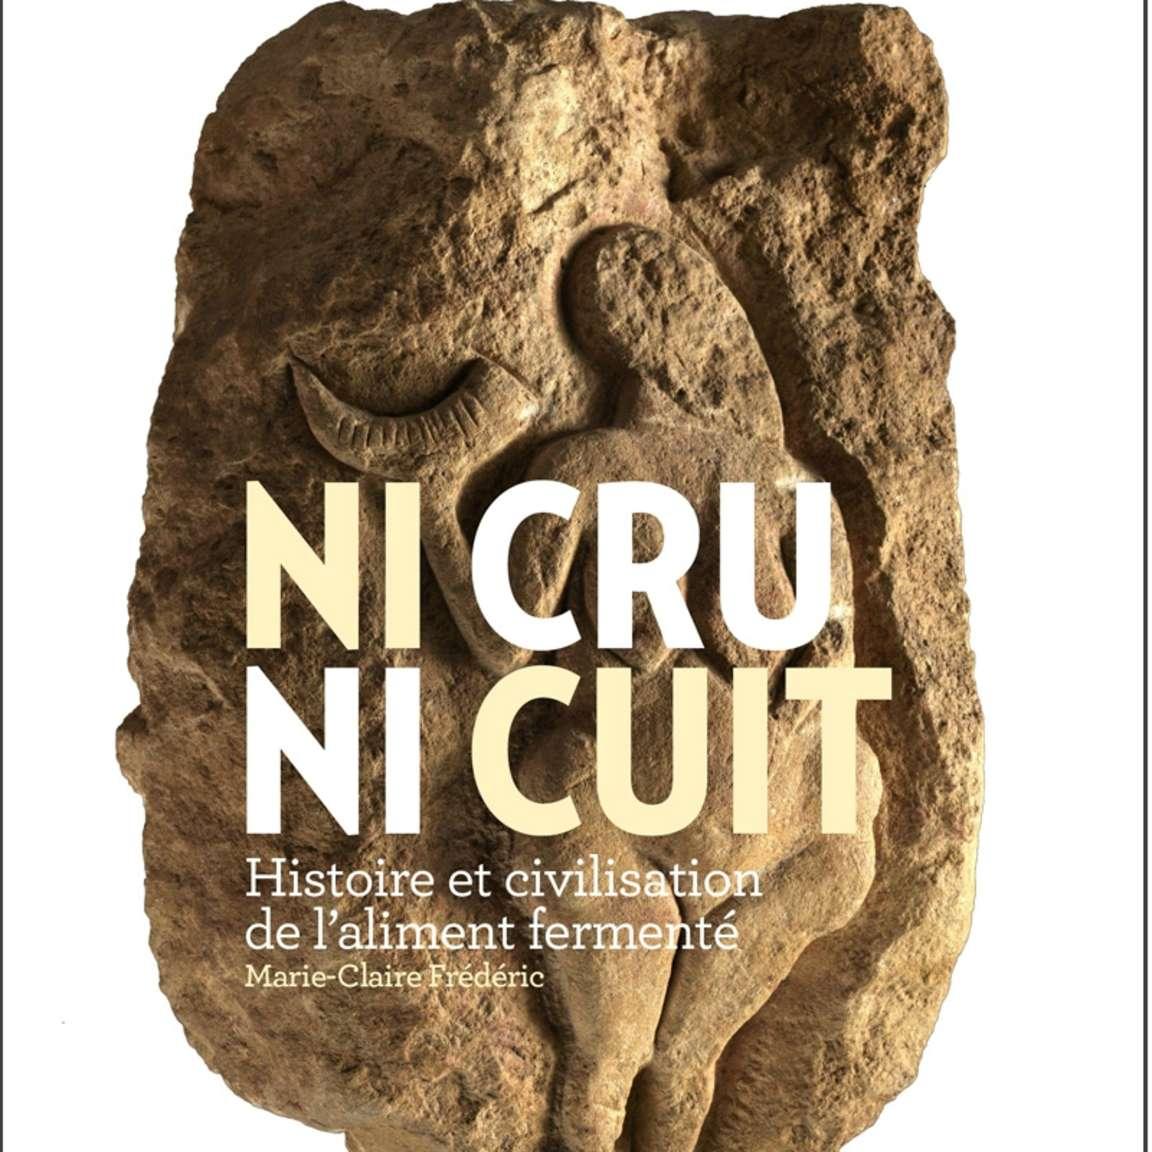 Ni cru ni cuit - histoire et civilisation de l'aliment fermenté